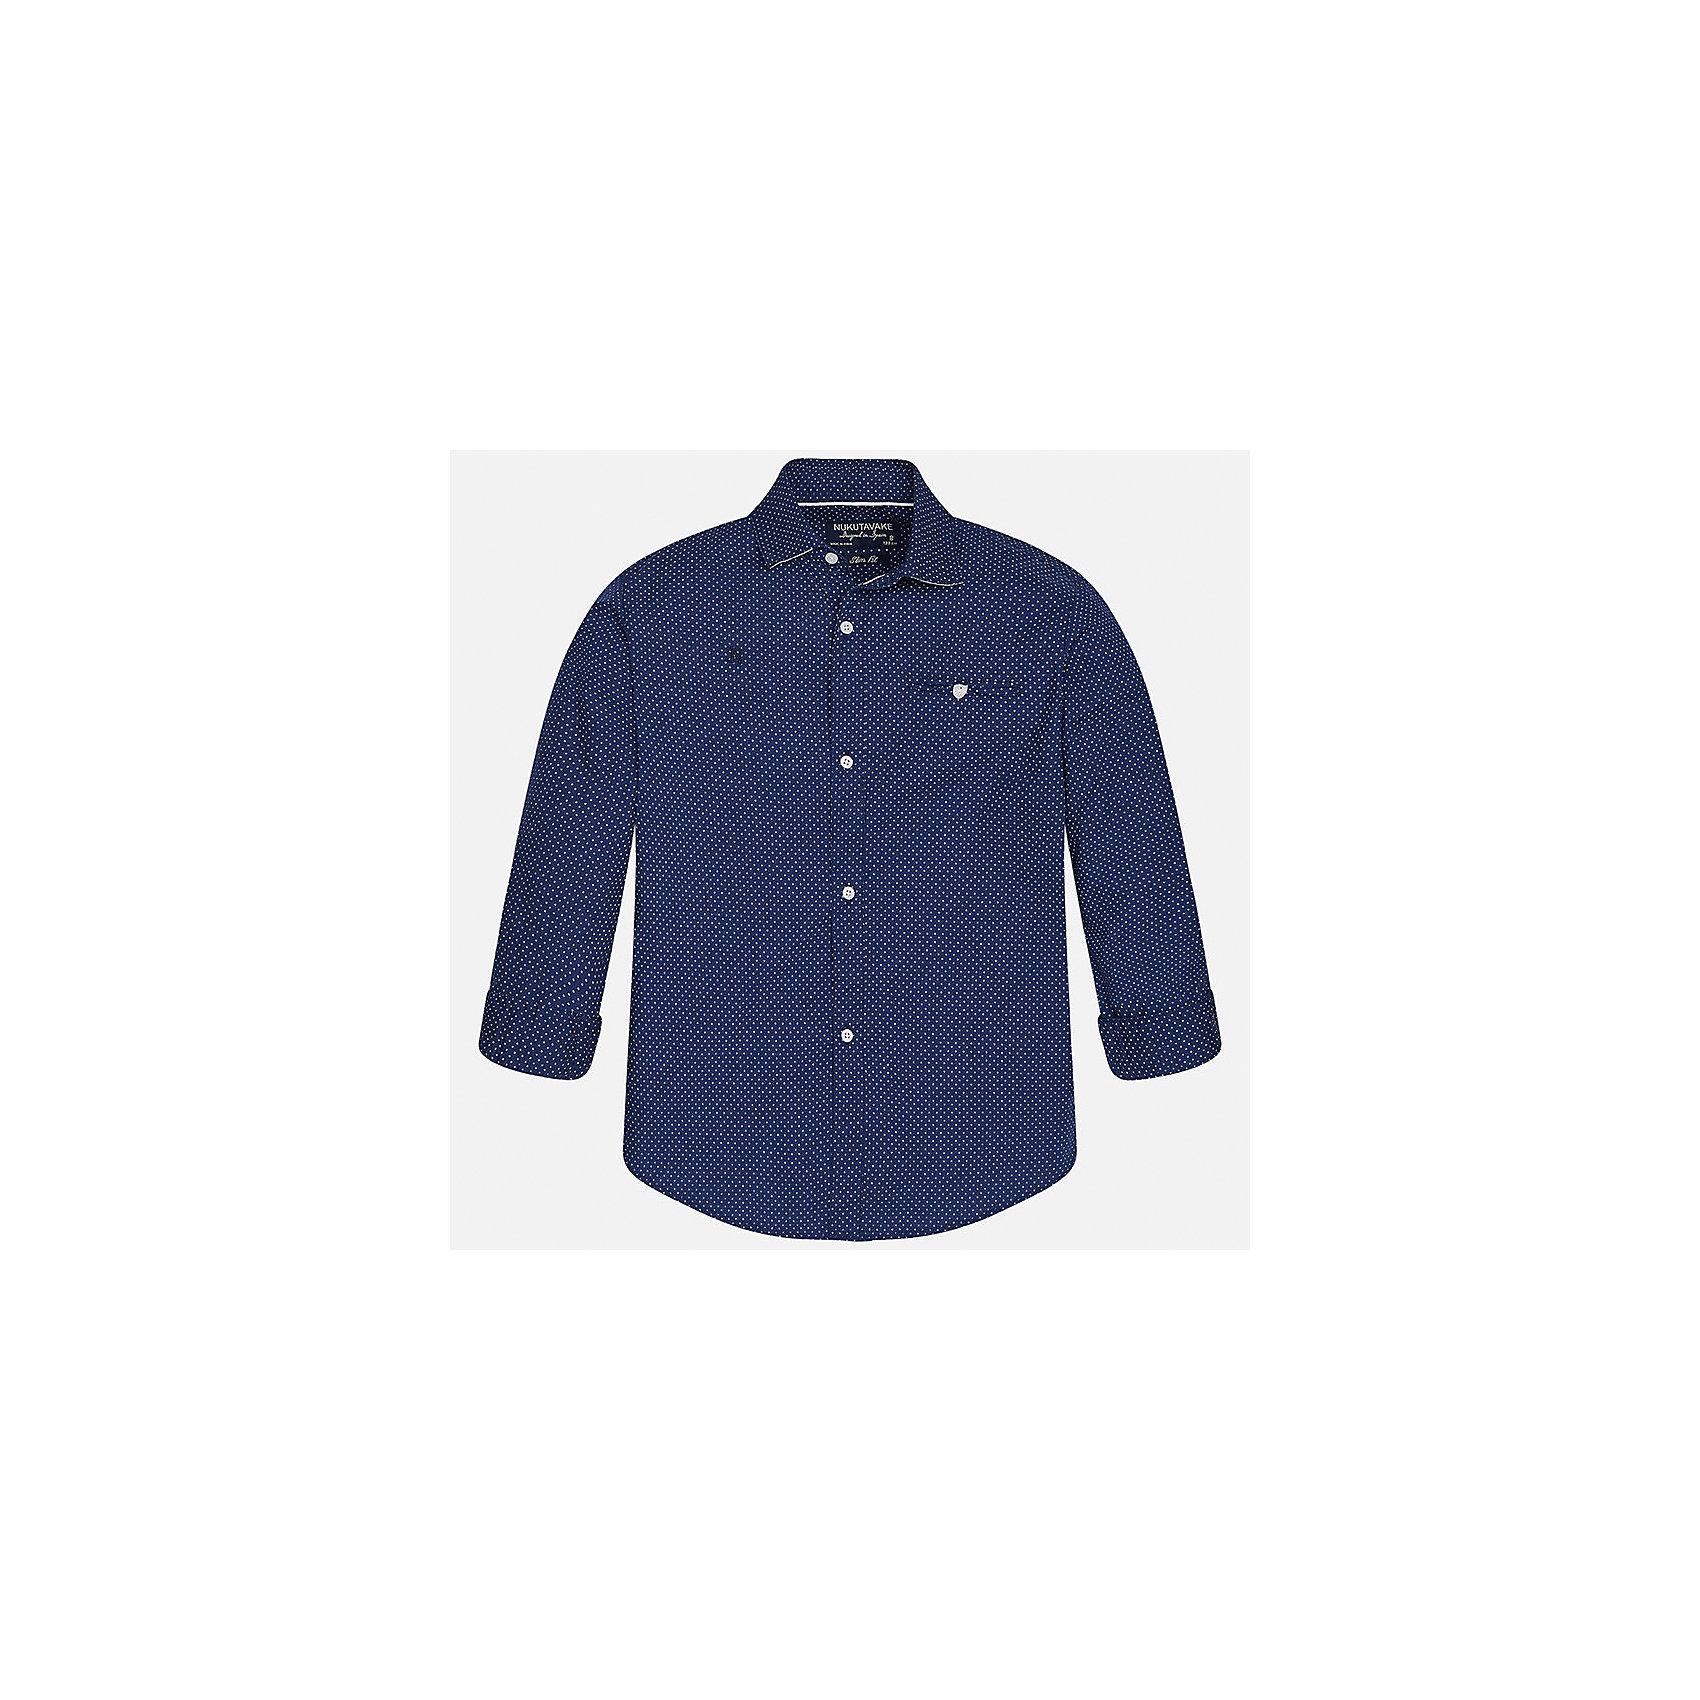 Рубашка для мальчика MayoralХарактеристики товара:<br><br>• цвет: синий<br>• состав: 100% хлопок<br>• отложной воротник<br>• декорирована карманом и вышивкой на груди<br>• рукава с отворотами<br>• застежки: пуговицы<br>• страна бренда: Испания<br><br>Модная рубашка поможет разнообразить гардероб мальчика. Она отлично сочетается с брюками, шортами, джинсами. Универсальный крой и цвет позволяет подобрать к вещи низ разных расцветок. Практичное и стильное изделие! Хорошо смотрится и комфортно сидит на детях. В составе материала - только натуральный хлопок, гипоаллергенный, приятный на ощупь, дышащий. <br><br>Одежда, обувь и аксессуары от испанского бренда Mayoral полюбились детям и взрослым по всему миру. Модели этой марки - стильные и удобные. Для их производства используются только безопасные, качественные материалы и фурнитура. Порадуйте ребенка модными и красивыми вещами от Mayoral! <br><br>Рубашку для мальчика от испанского бренда Mayoral (Майорал) можно купить в нашем интернет-магазине.<br><br>Ширина мм: 174<br>Глубина мм: 10<br>Высота мм: 169<br>Вес г: 157<br>Цвет: черный<br>Возраст от месяцев: 120<br>Возраст до месяцев: 132<br>Пол: Мужской<br>Возраст: Детский<br>Размер: 152,170,164,158,140,128/134<br>SKU: 5281694